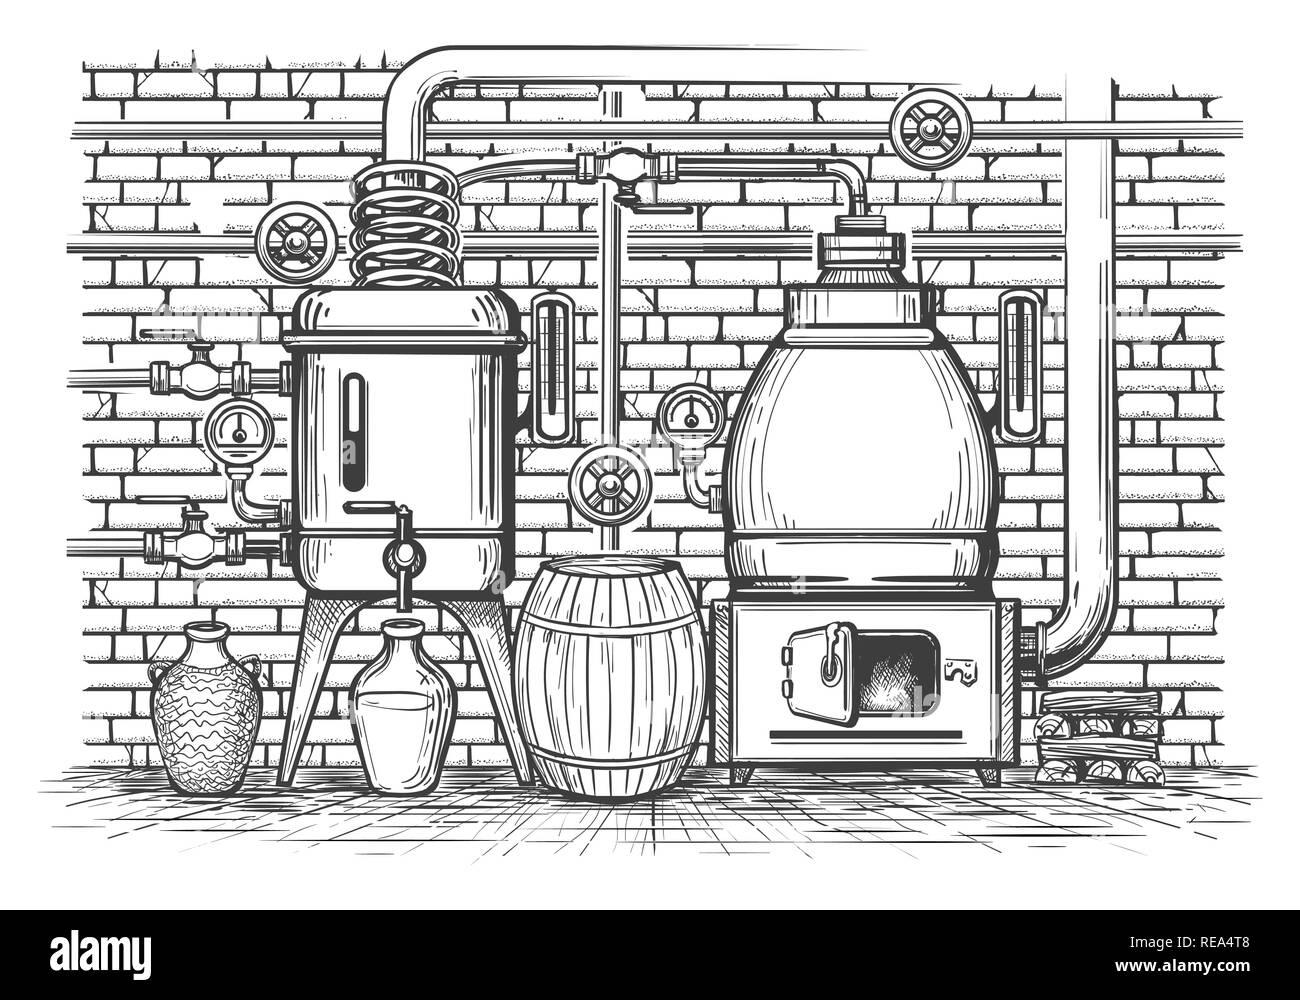 Vintage Equipos de destilación. Sketch viejo aparato de destilar whisky destilado del depósito de cobre metálico vintage moonshine, ilustración vectorial Ilustración del Vector